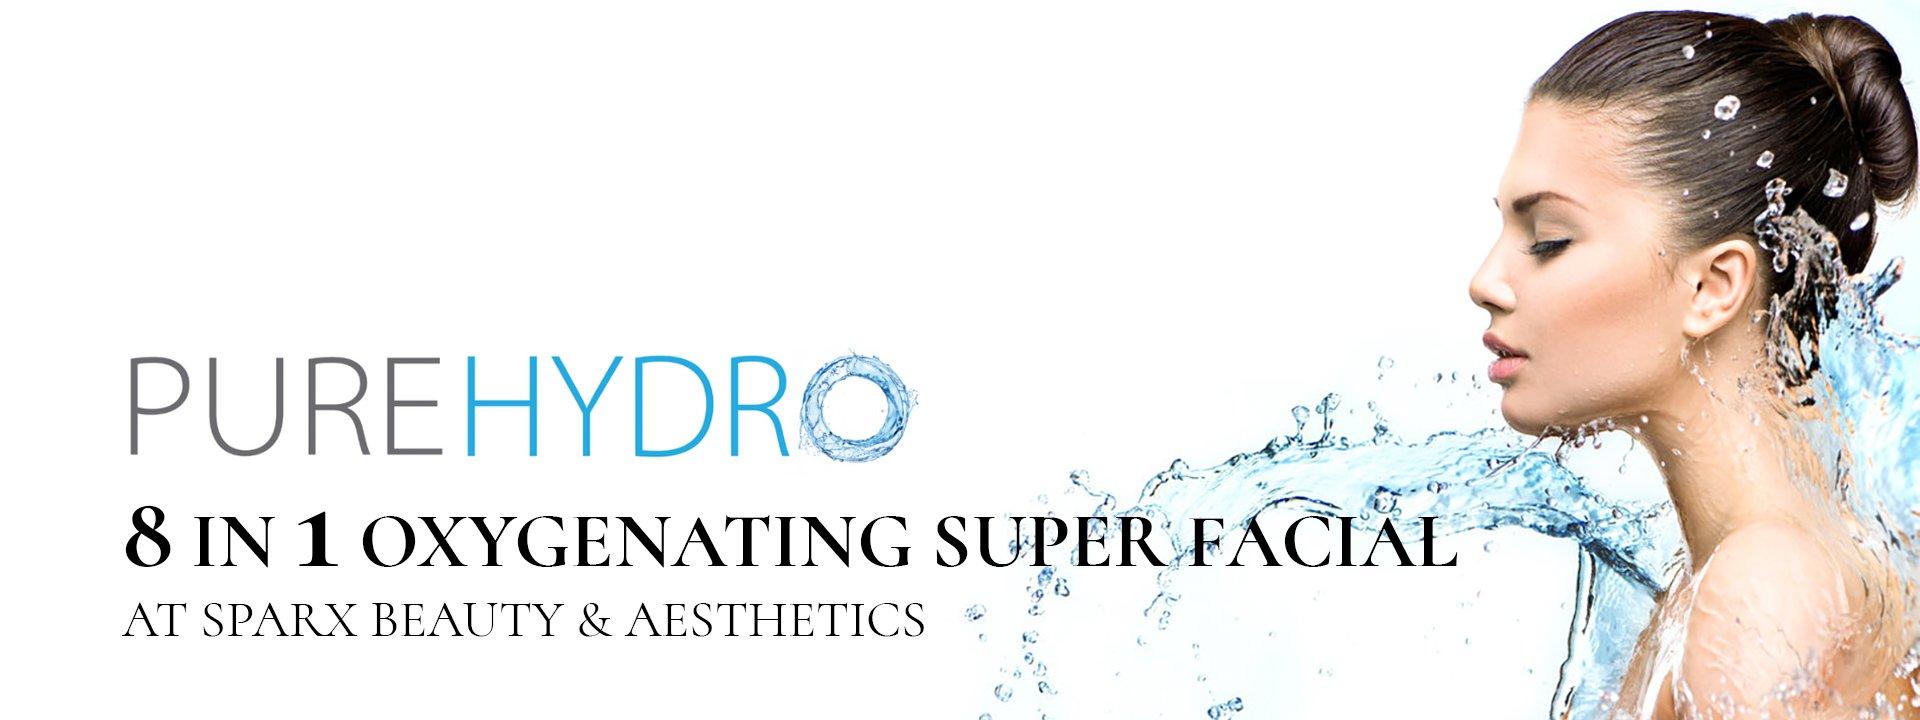 Pure Hydro facial Winchester Beauty Salon